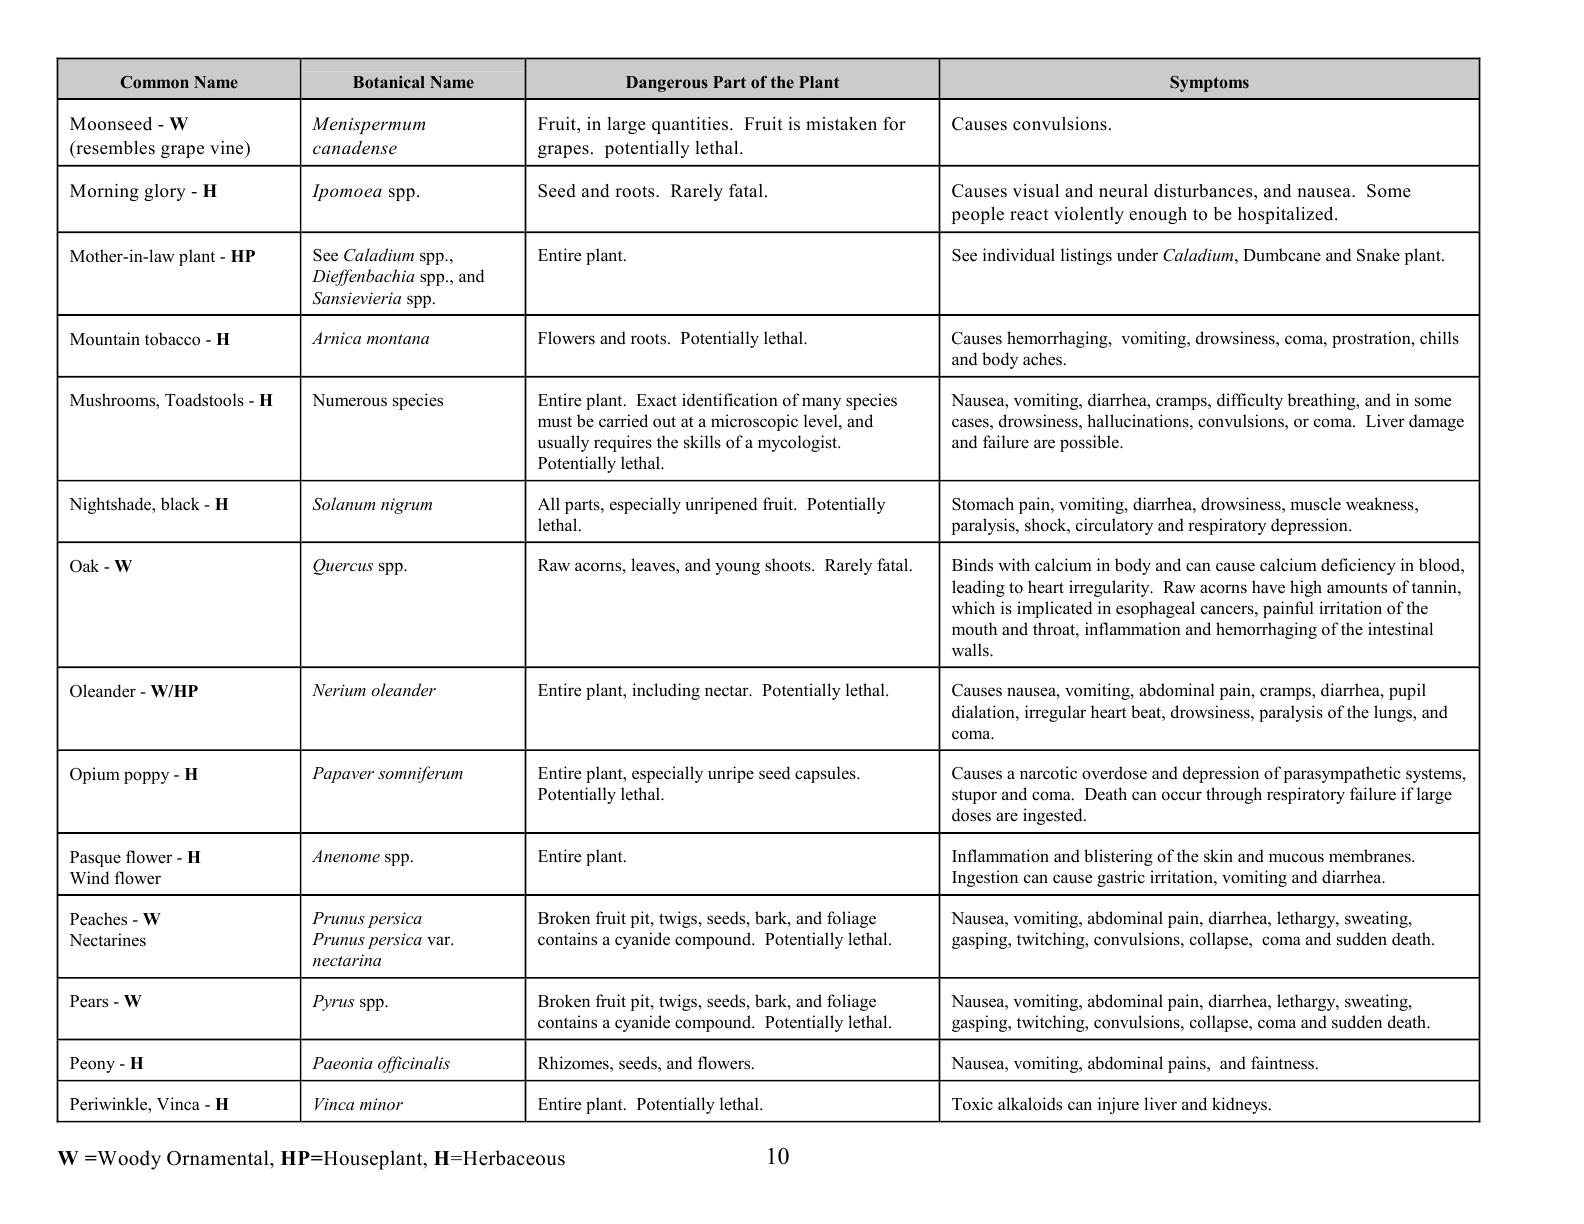 oc0417_revisedpoisonousplants10